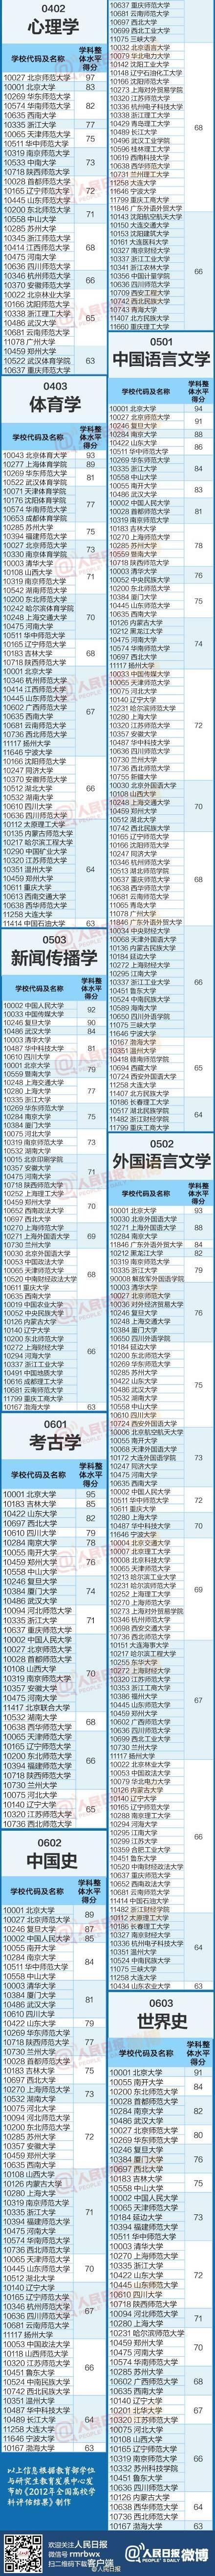 中国高校学科排名